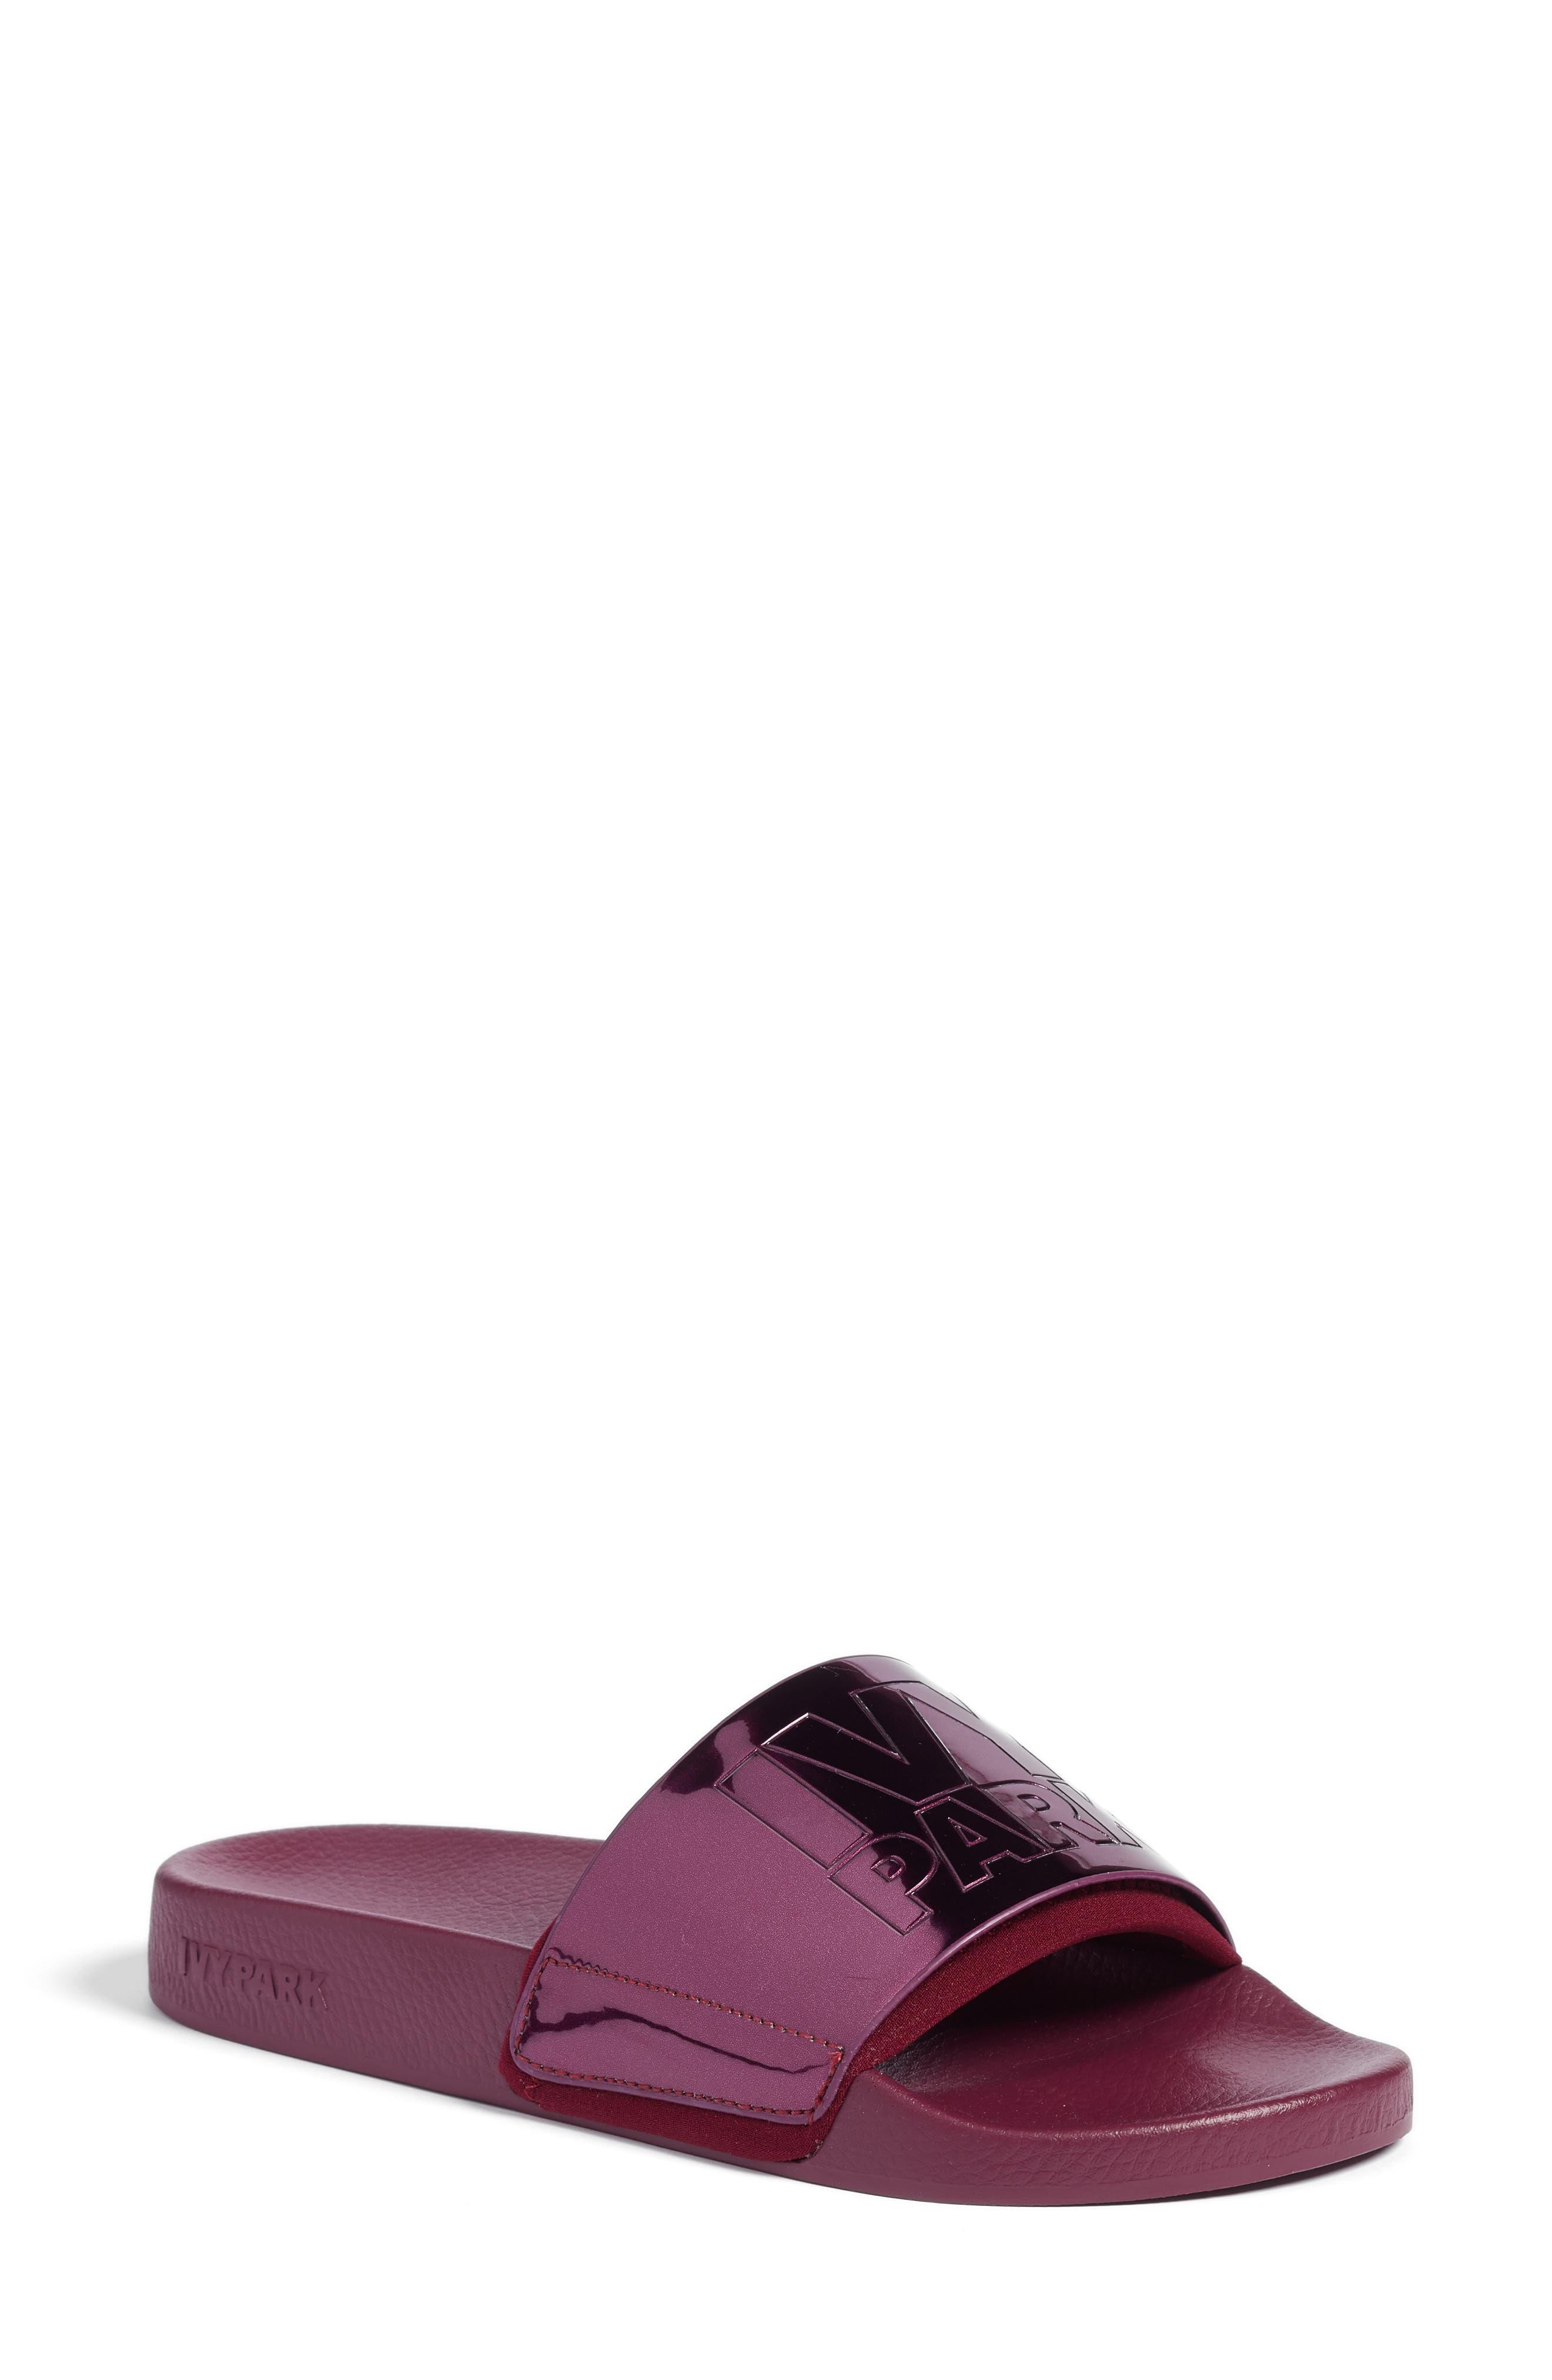 IVY PARK® Slide Sandal (Women)